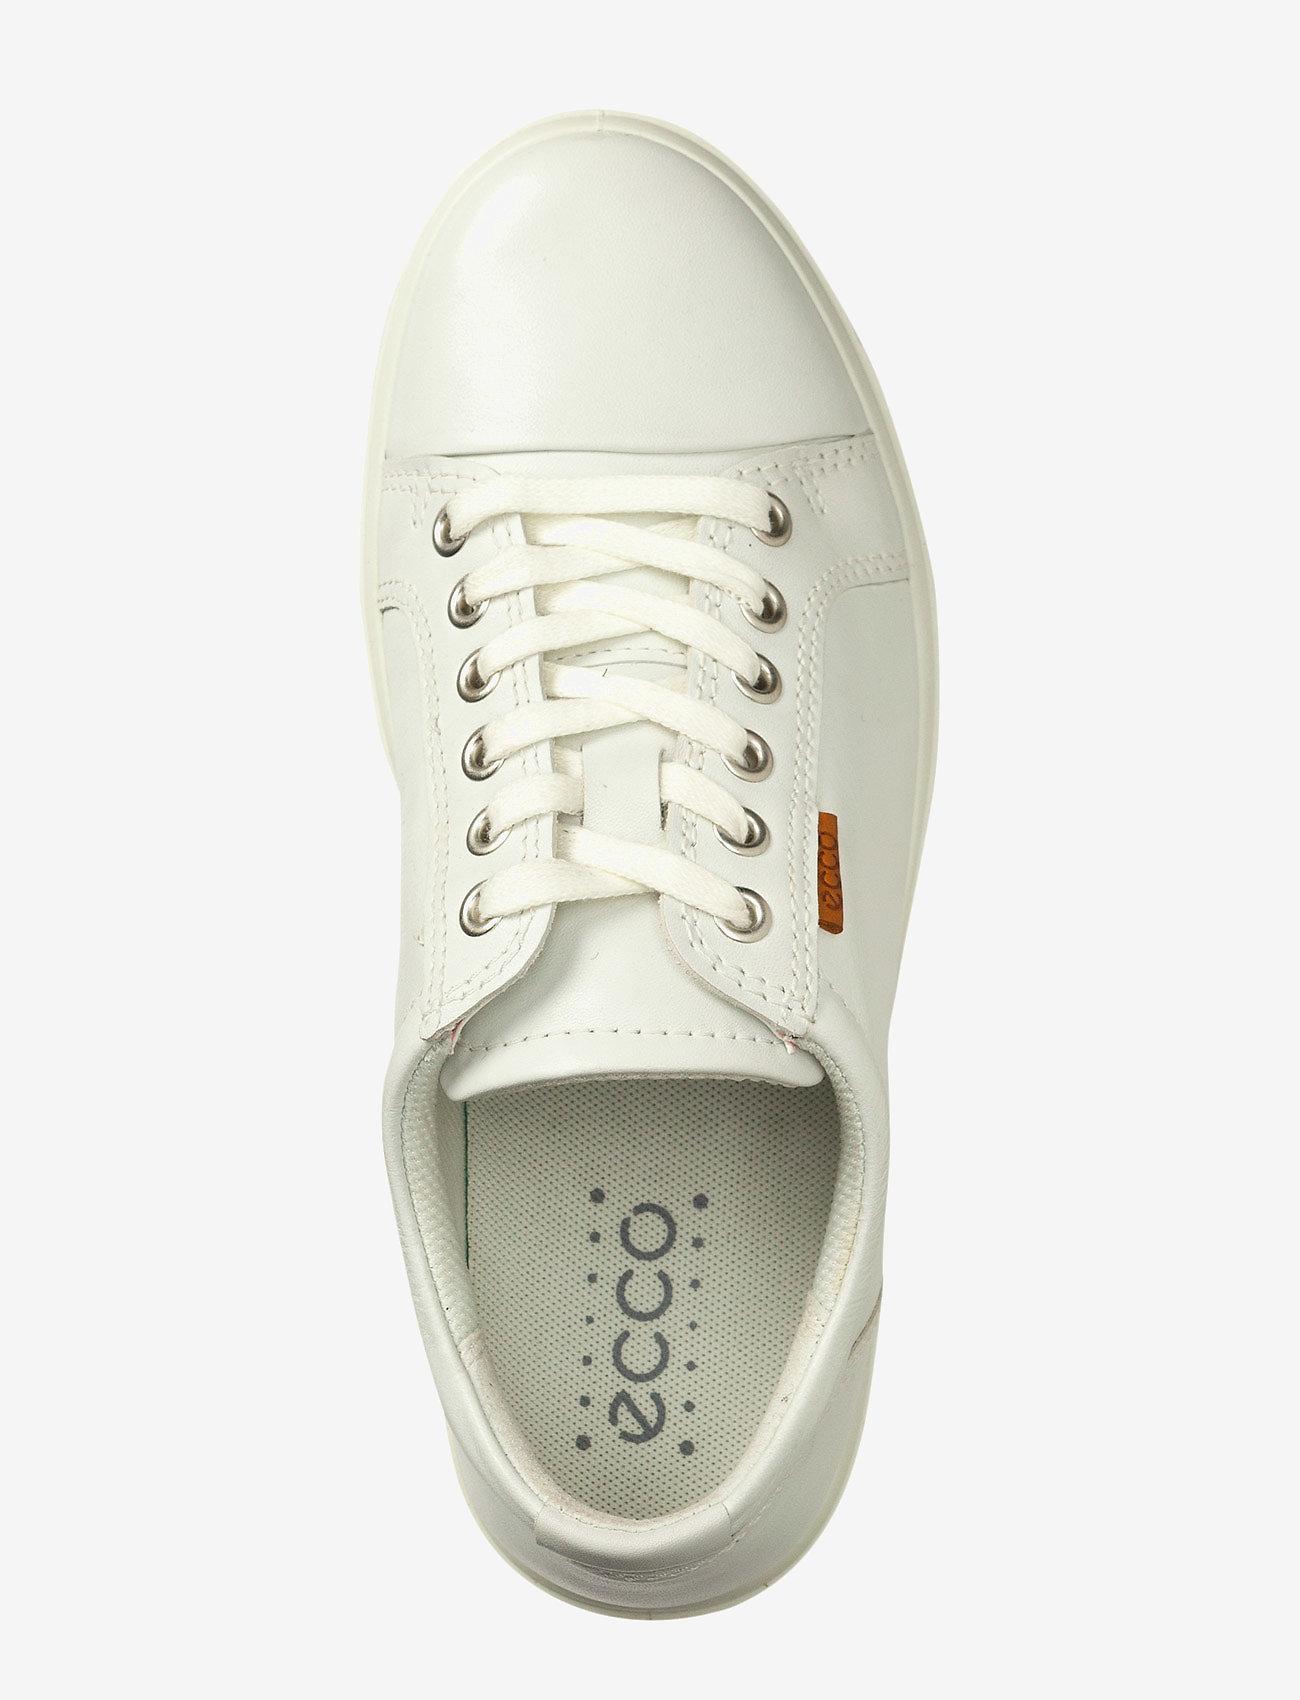 ECCO - S7 TEEN - lav ankel - white - 1